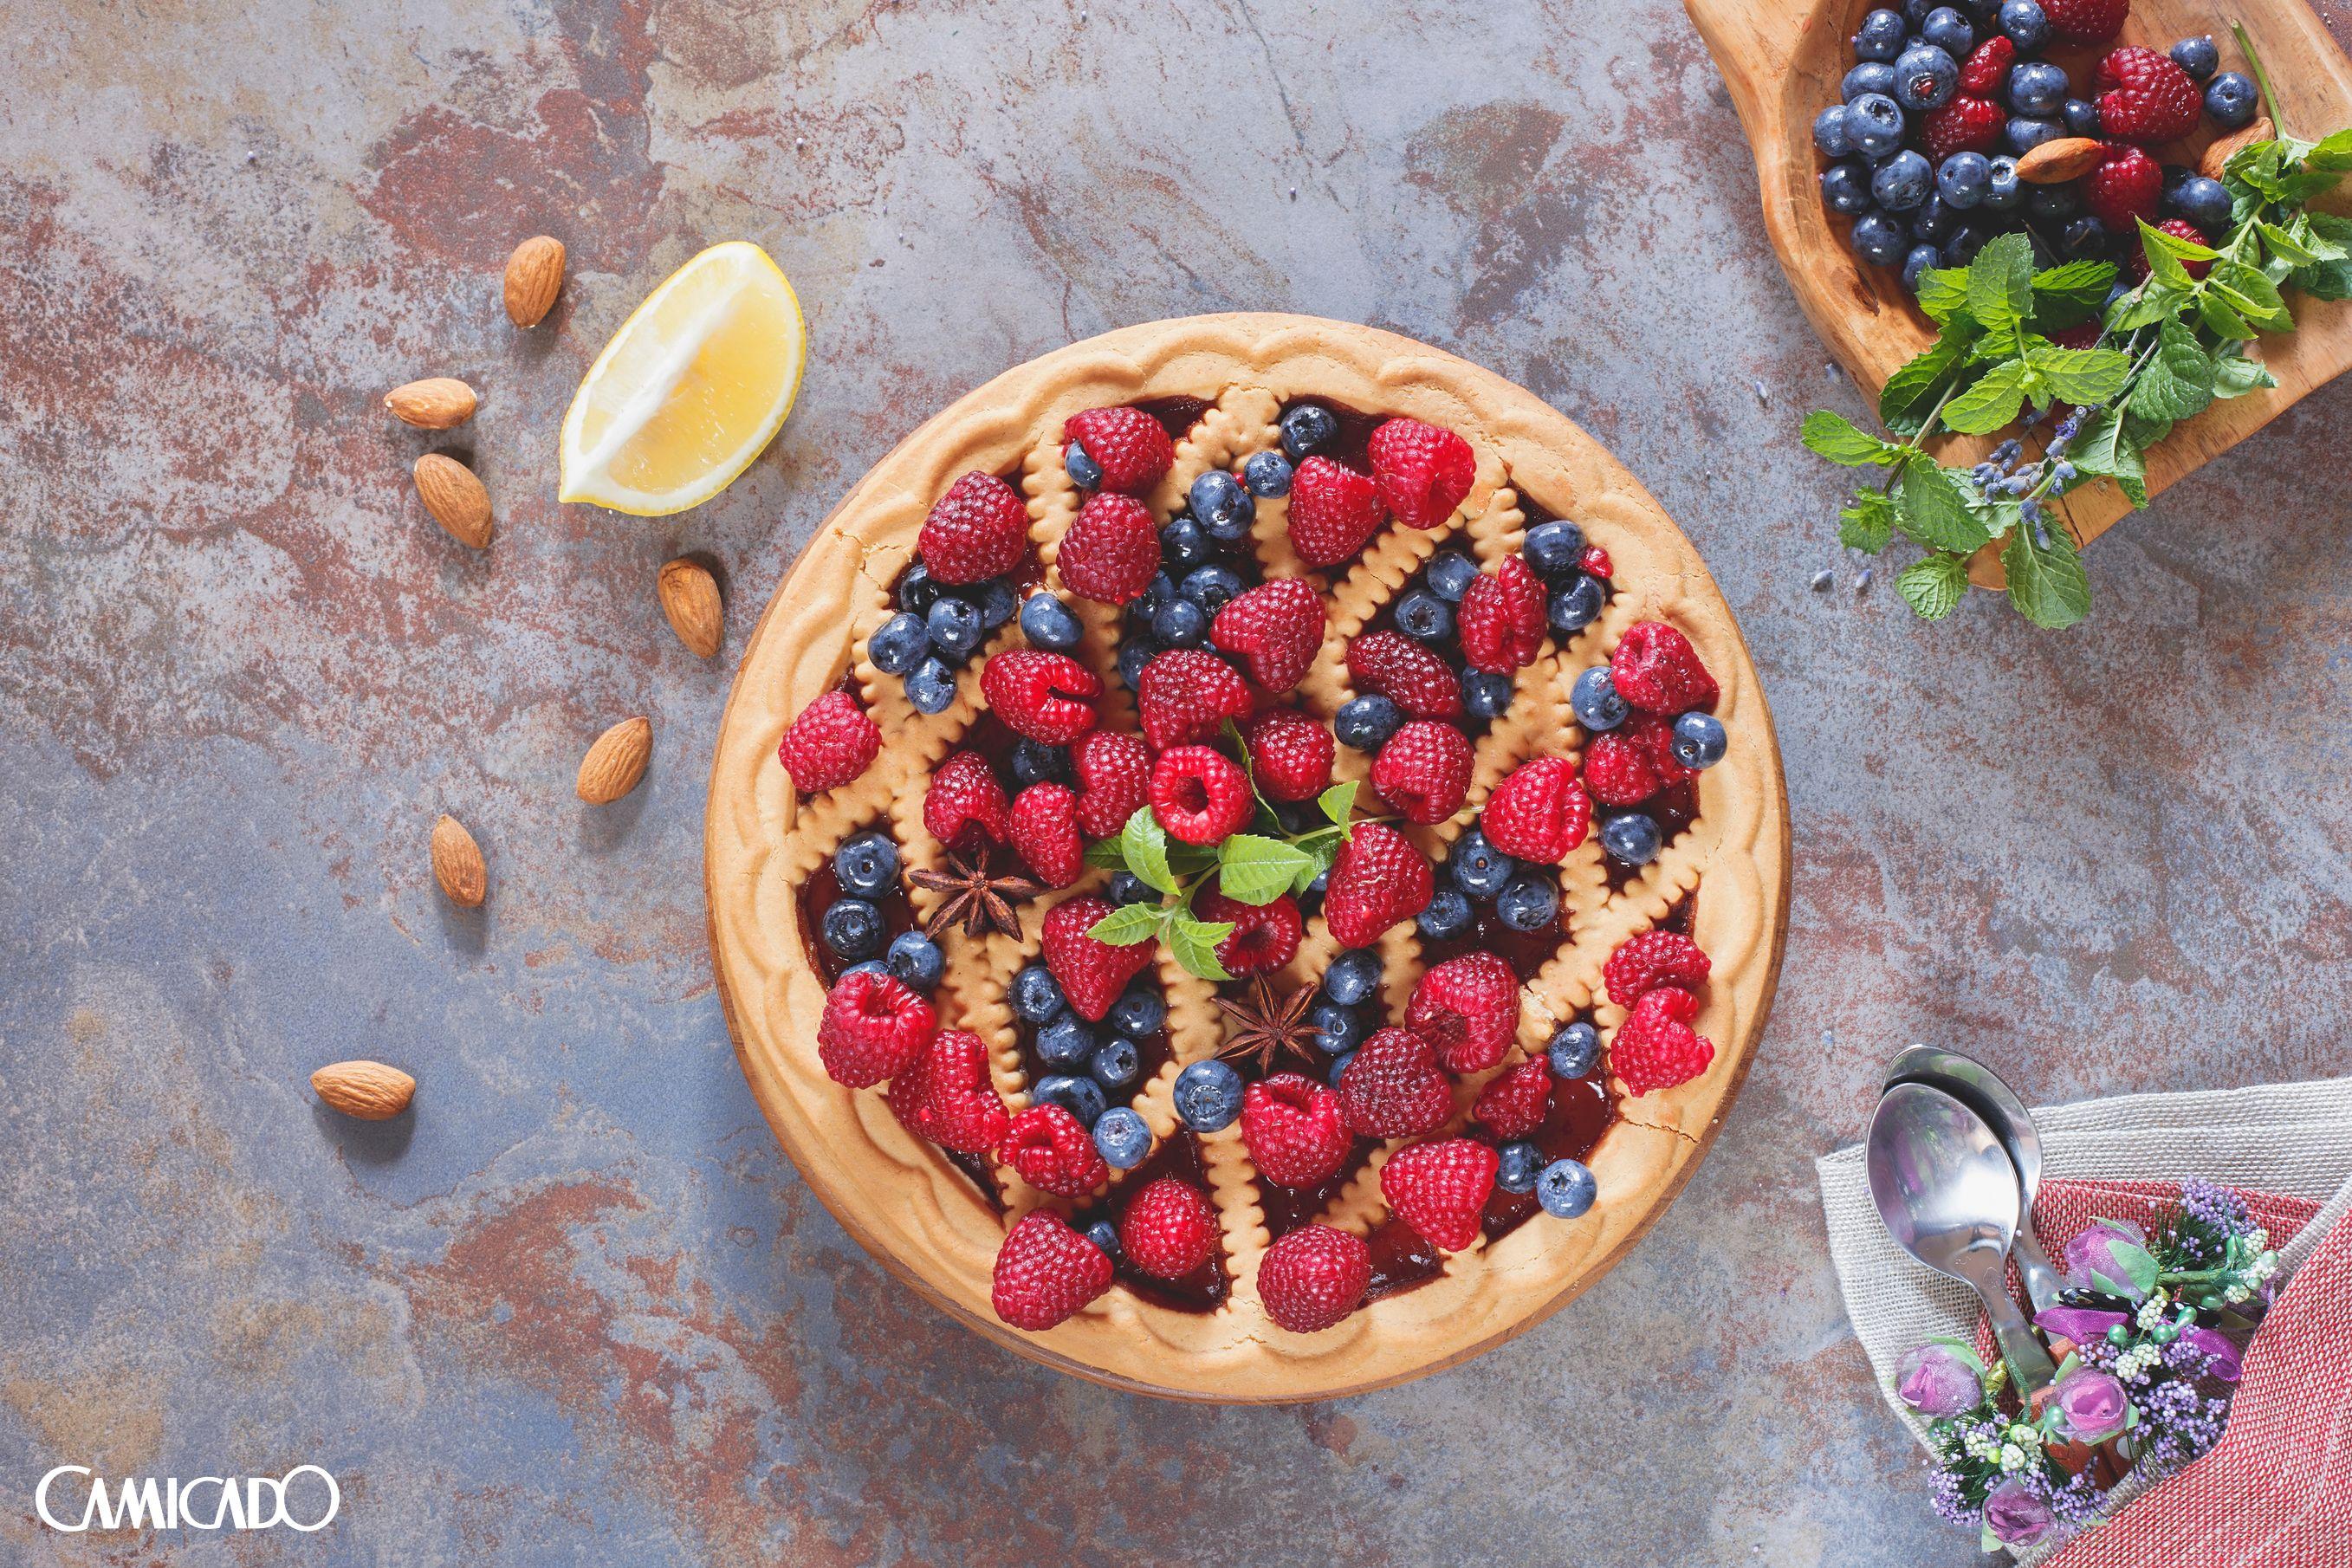 Torta é sempre uma boa pedida para o café da tarde. Com um recheio de frutas vermelhas, você deixa esse momento ainda mais especial.